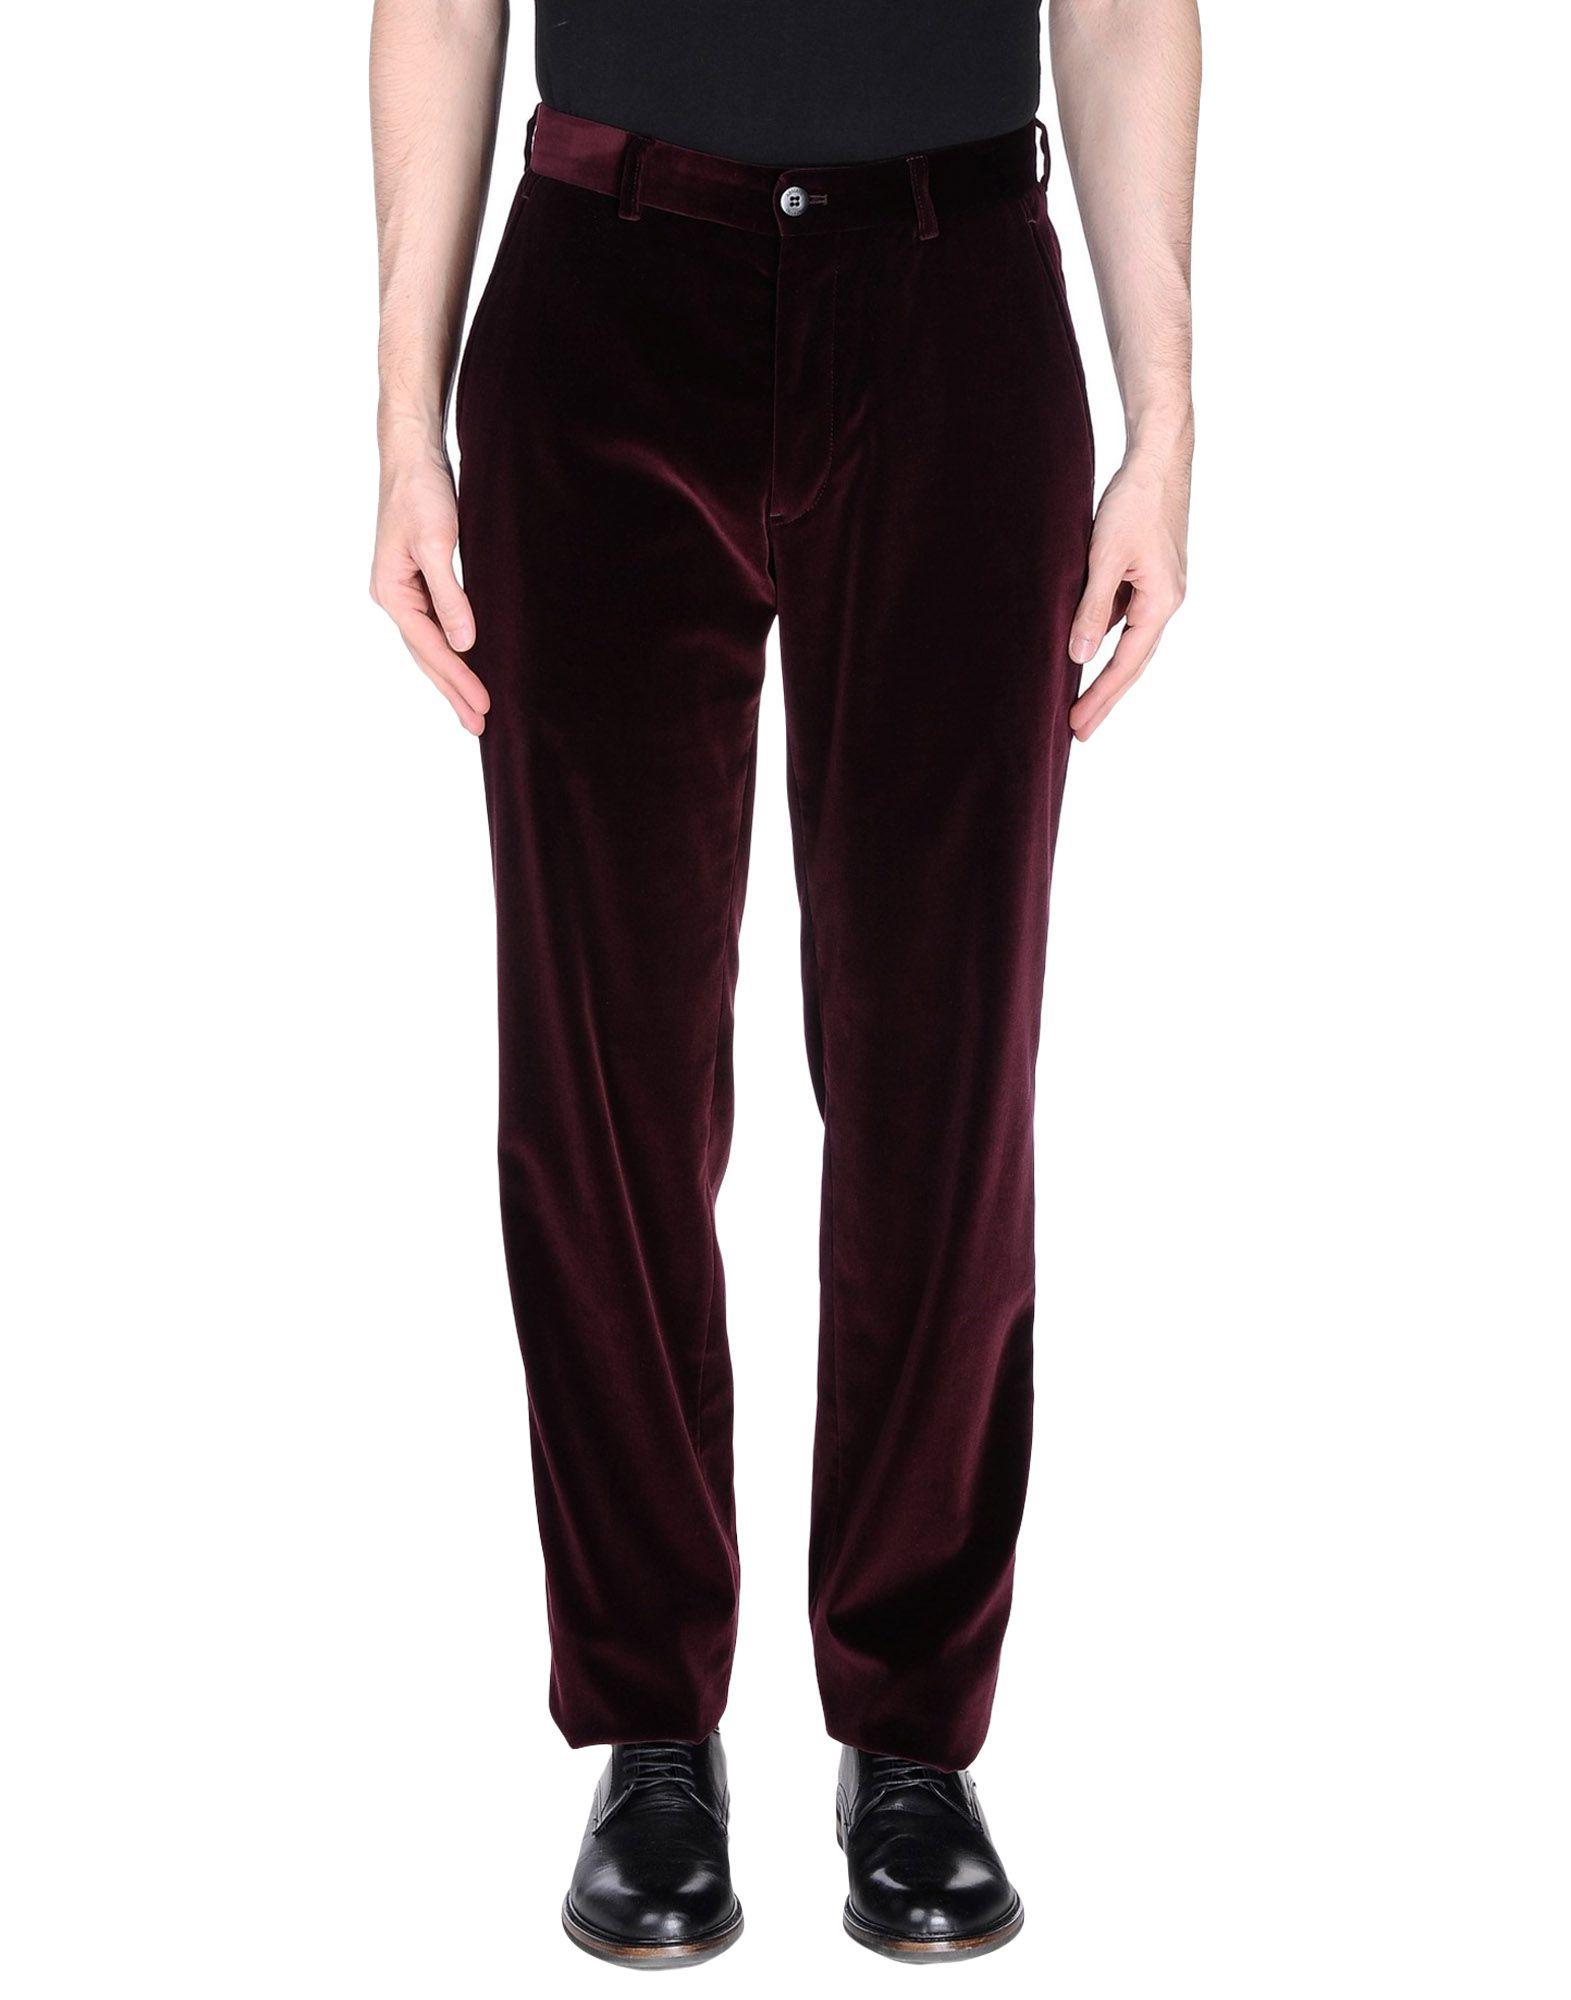 Pantalone Armani Collezioni Uomo Uomo Collezioni - 13102155HW 3f9577